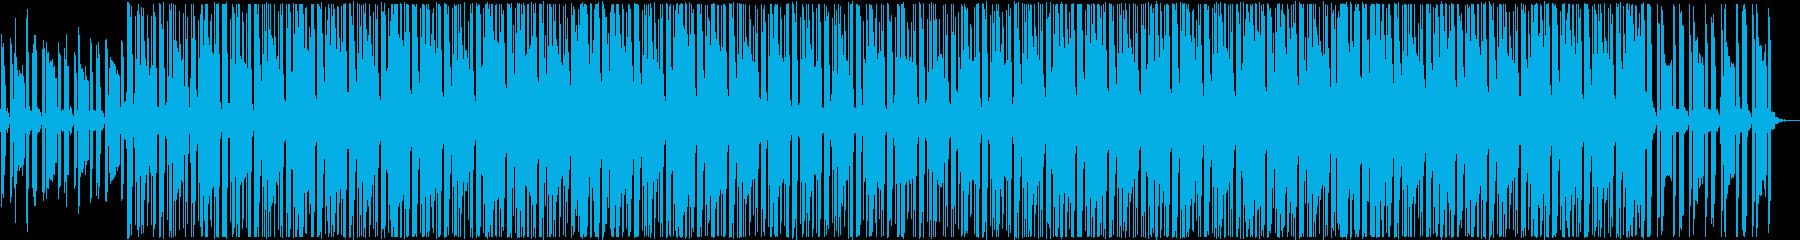 POPで爽やかなダンスミュージックの再生済みの波形